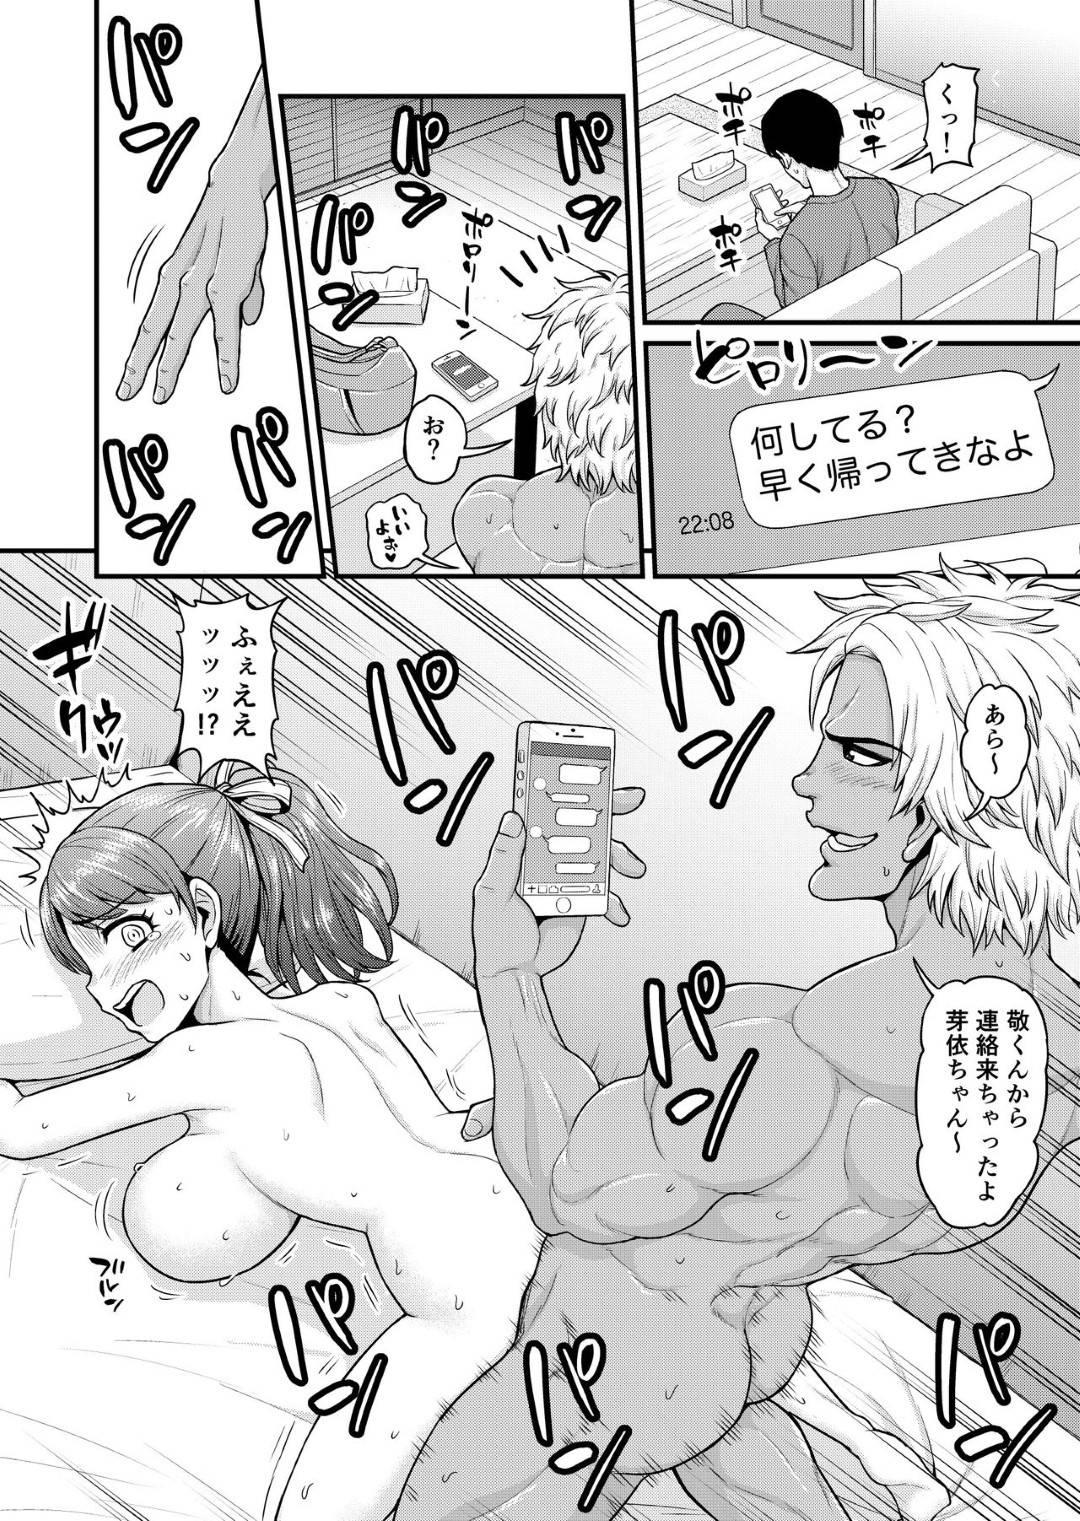 【寝取られエロ漫画】ごく普通のサラリーマン主人公には巨乳で美人な彼女がいた。ある日、彼女のセックス情報を知ることができるアプリを入手する。そのアプリによると自分以外とセックスしている情報が残されていた…。【血まみれ屋敷】